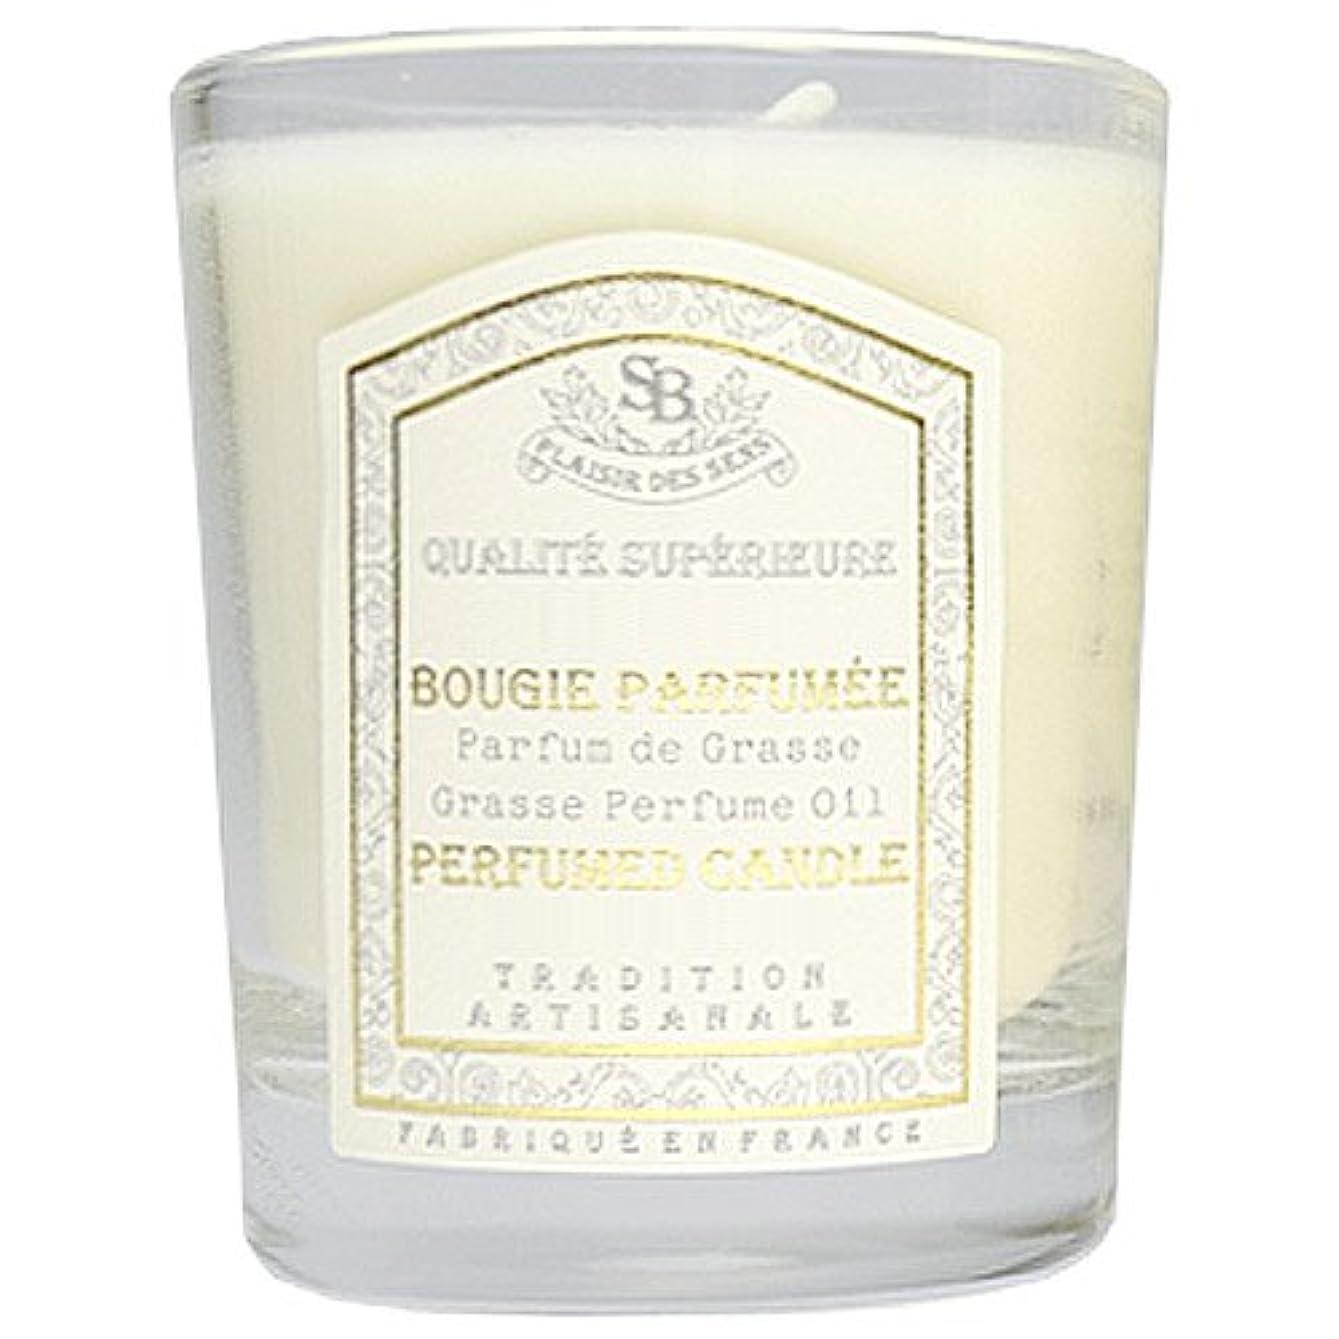 バウンド中央値減るSenteur et Beaute(サンタールエボーテ) フレンチクラシックシリーズ グラスキャンドル 90g 「リリーガーデニア」 4994228022004